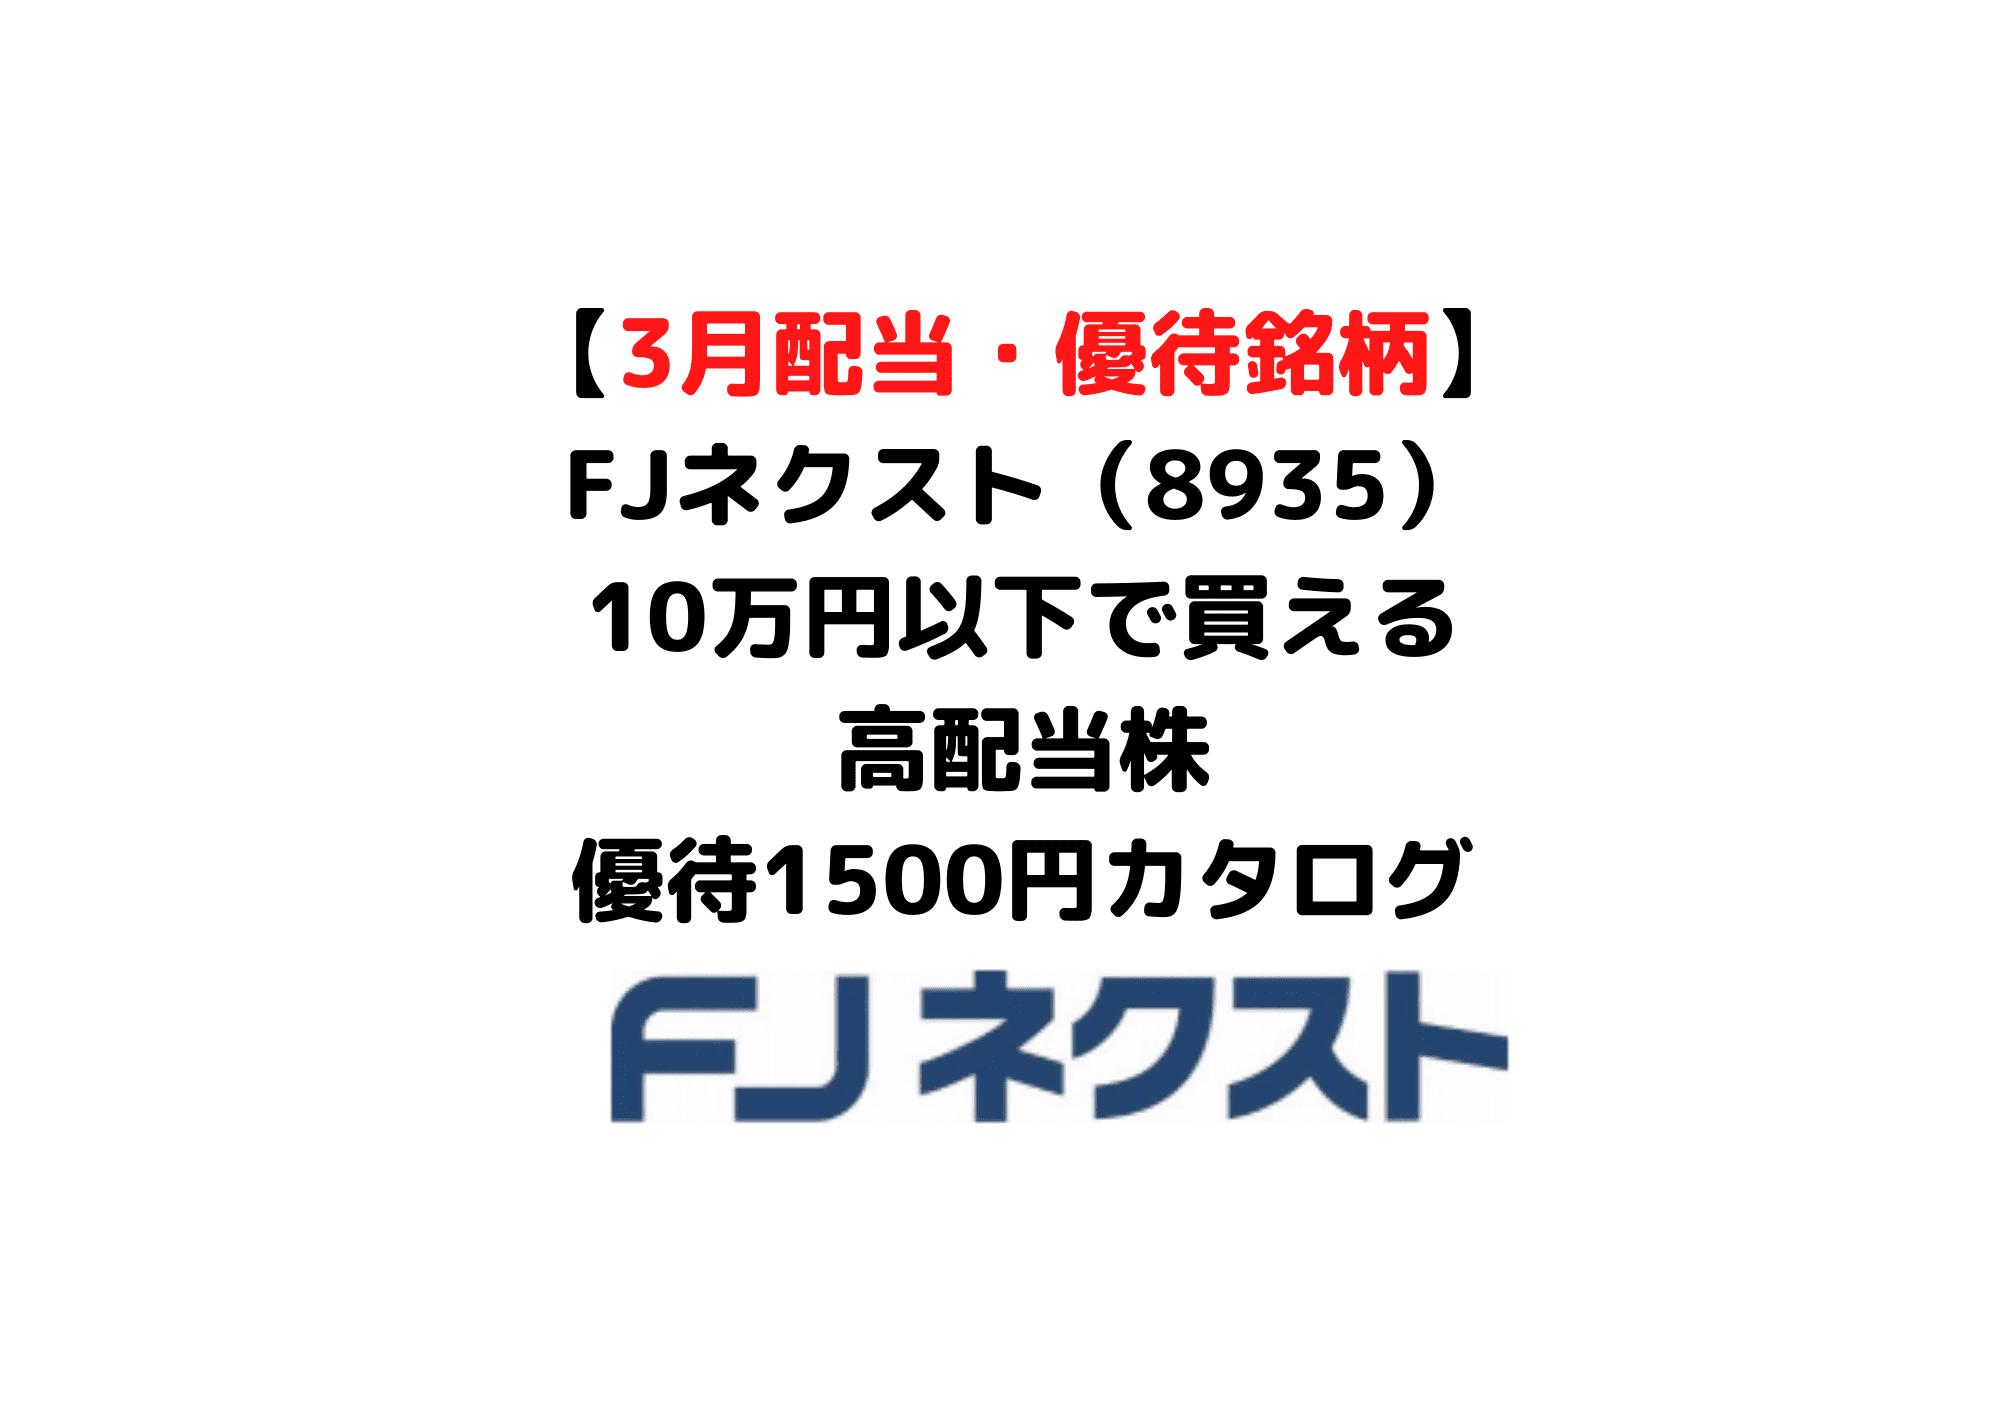 8935 エフ・ジェー・ネクスト (1)